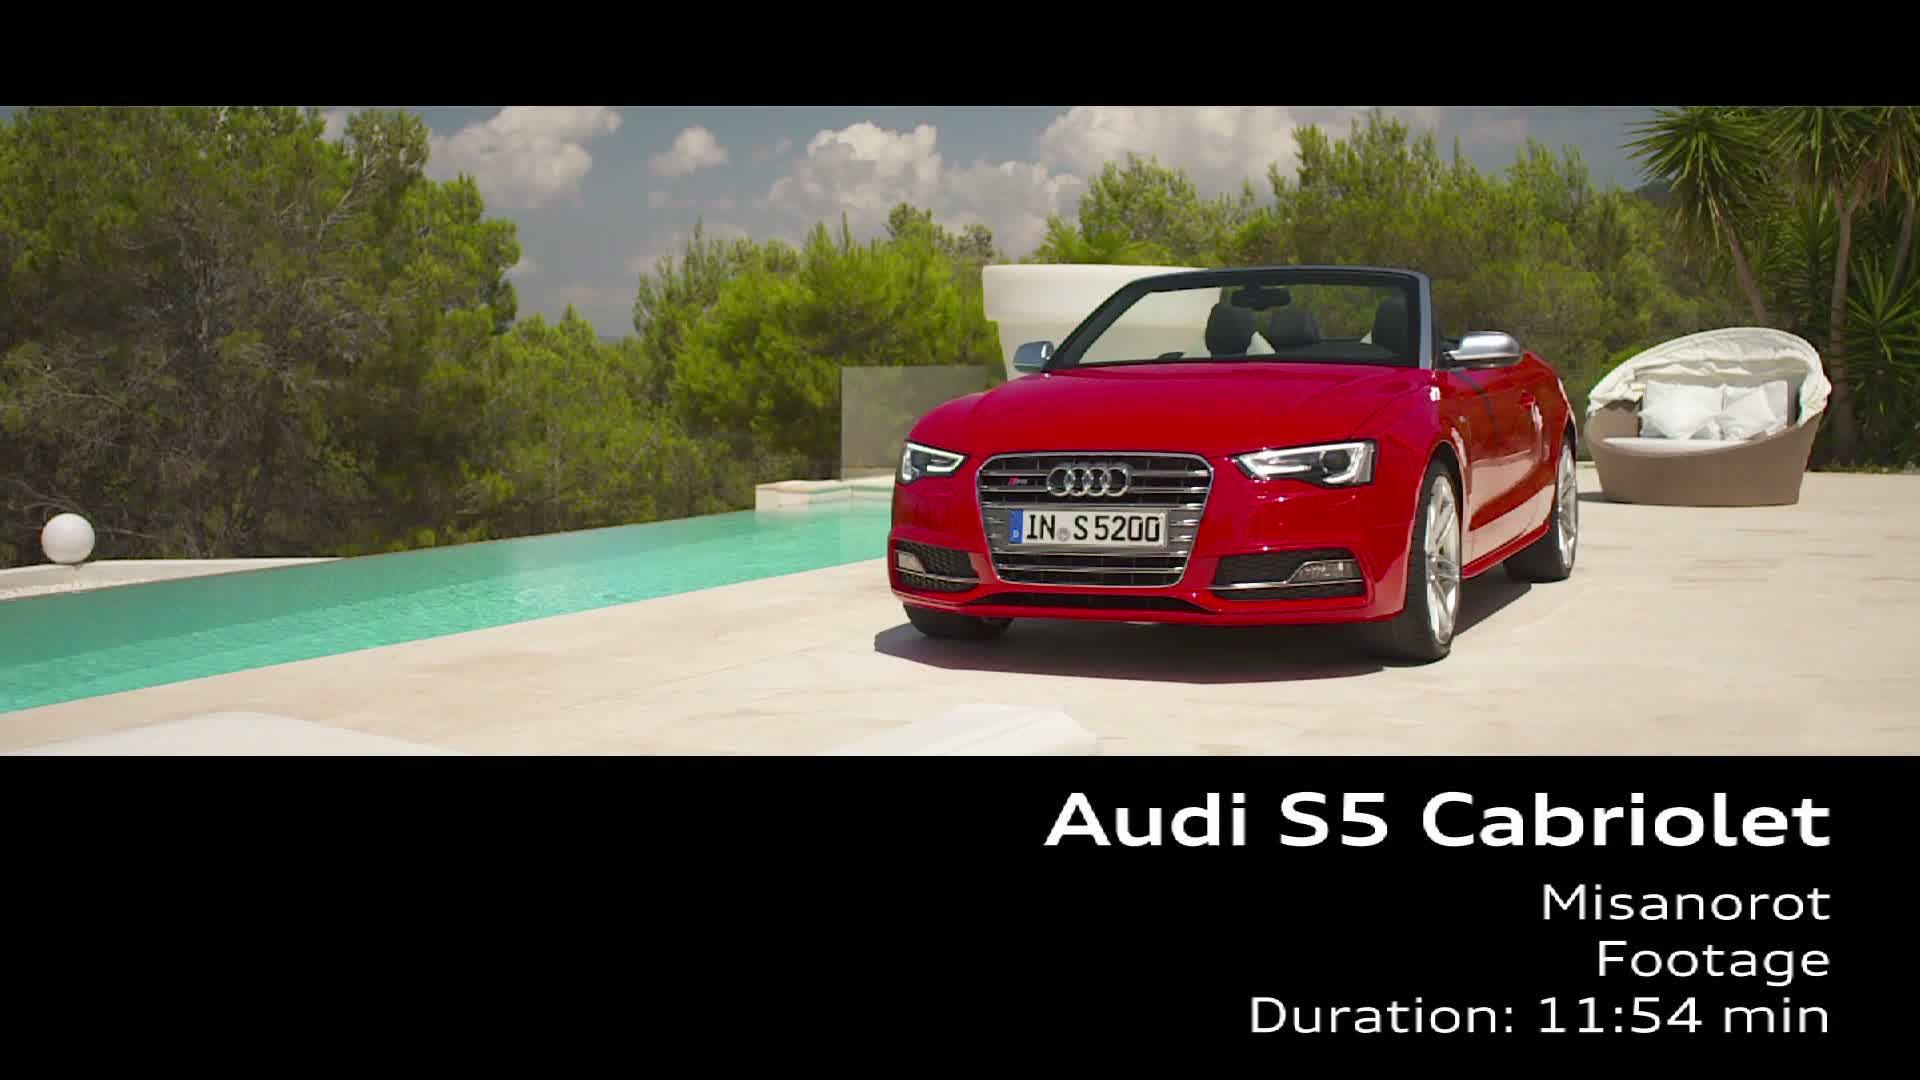 Das Audi S5 Cabriolet